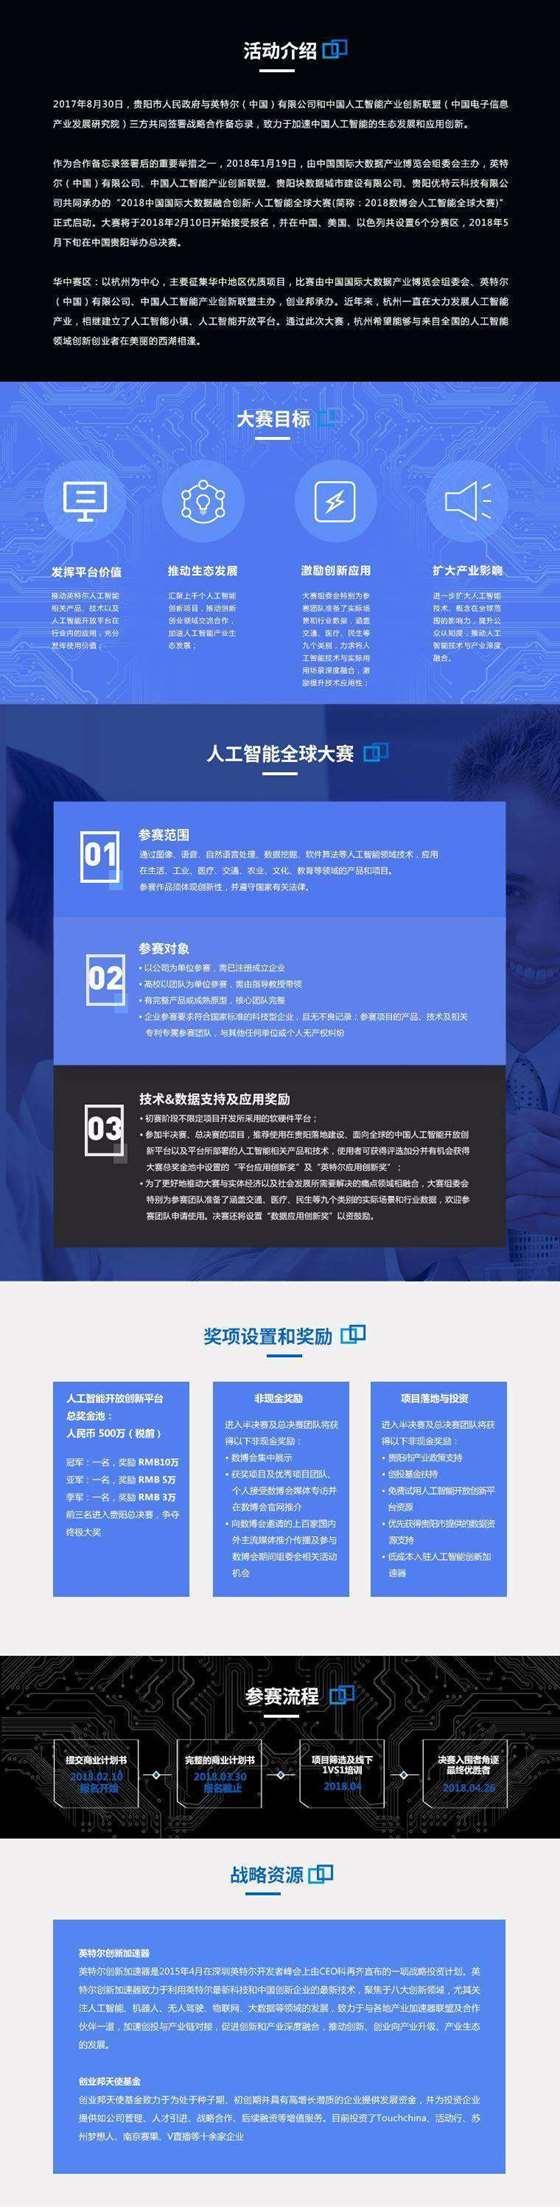 活动行杭州内容图.jpg